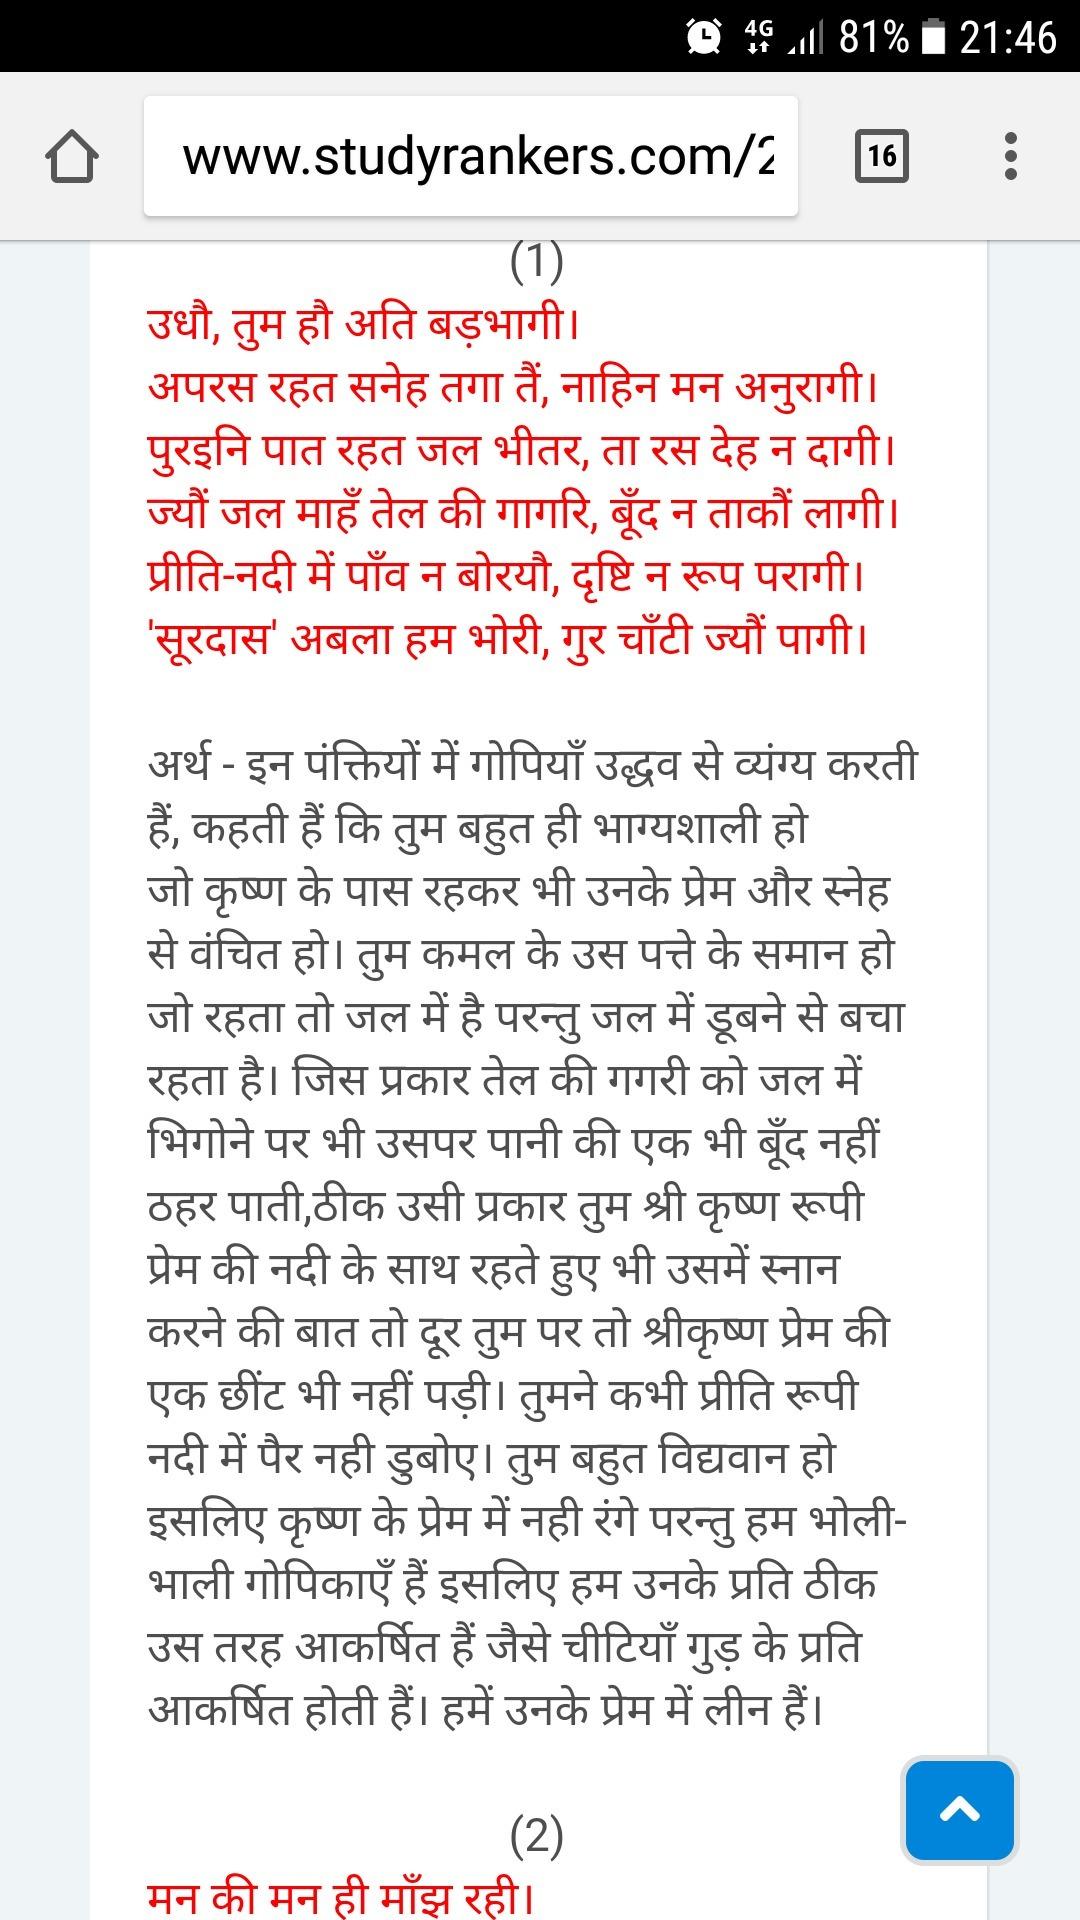 prata kaal ki sair in hindi Subah ki pehli kiran shayari, subahki kiran poem, subah ki shayri, sms kar loon, subah ki doosri kiran, subah ki pehli kiran, subah ki teesri kiran, subha ki kiran boli, subha se bhi pyara.